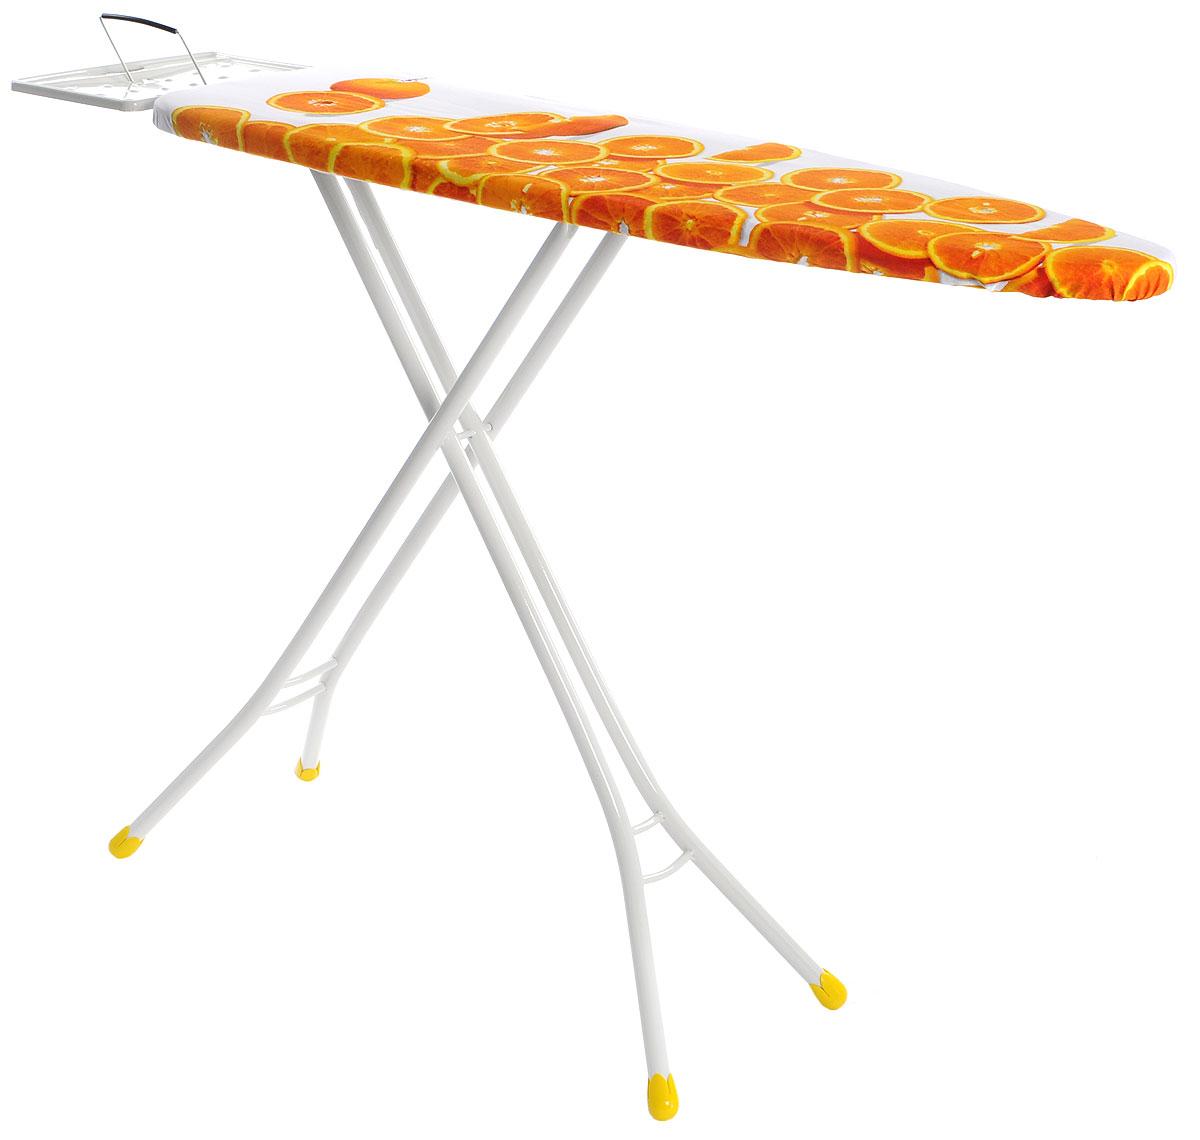 Доска гладильная Gimi Classic. Апельсины, 110 х 33 смIR-F1-WСкладная гладильная доска Gimi Classic. Апельсины - необходимая вещь для каждой хозяйки. Благодаря такой удобной доске процесс глажки будет комфортным и качественным.Корпус выполнен из высококачественной стали и обтянут чехлом из прочного хлопка.Большая поверхность позволит вам без труда гладить не только рубашки, мужские брюки, но и постельное белье. Прочные стальные окрашенные ножки снабжены пластиковыми вставками, которые предотвращают скольжение, что создает удобные условия для глажки, а также препятствуют образованию царапин на полу. Также изделие оснащено подставкой для утюга. Доска легко складывается и не занимает много места в сложенном состоянии. Такая гладильная доска сочетает в себе качество, удобство, легкость и практичность.Размер гладильной поверхности: 110 x 33 см. Максимальная высота: 90 см. Размер подставки для утюга: 29 x 22 см. Размер гладильной доски в сложенном виде: 143 х 34 х 5 см.УВАЖАЕМЫЕ КЛИЕНТЫ!Обращаем ваше внимание, что расцветка чехла может отличаться от представленного на фотографии. Товар поставляется в ассортименте. Поставка осуществляется в зависимости от наличия на складе.